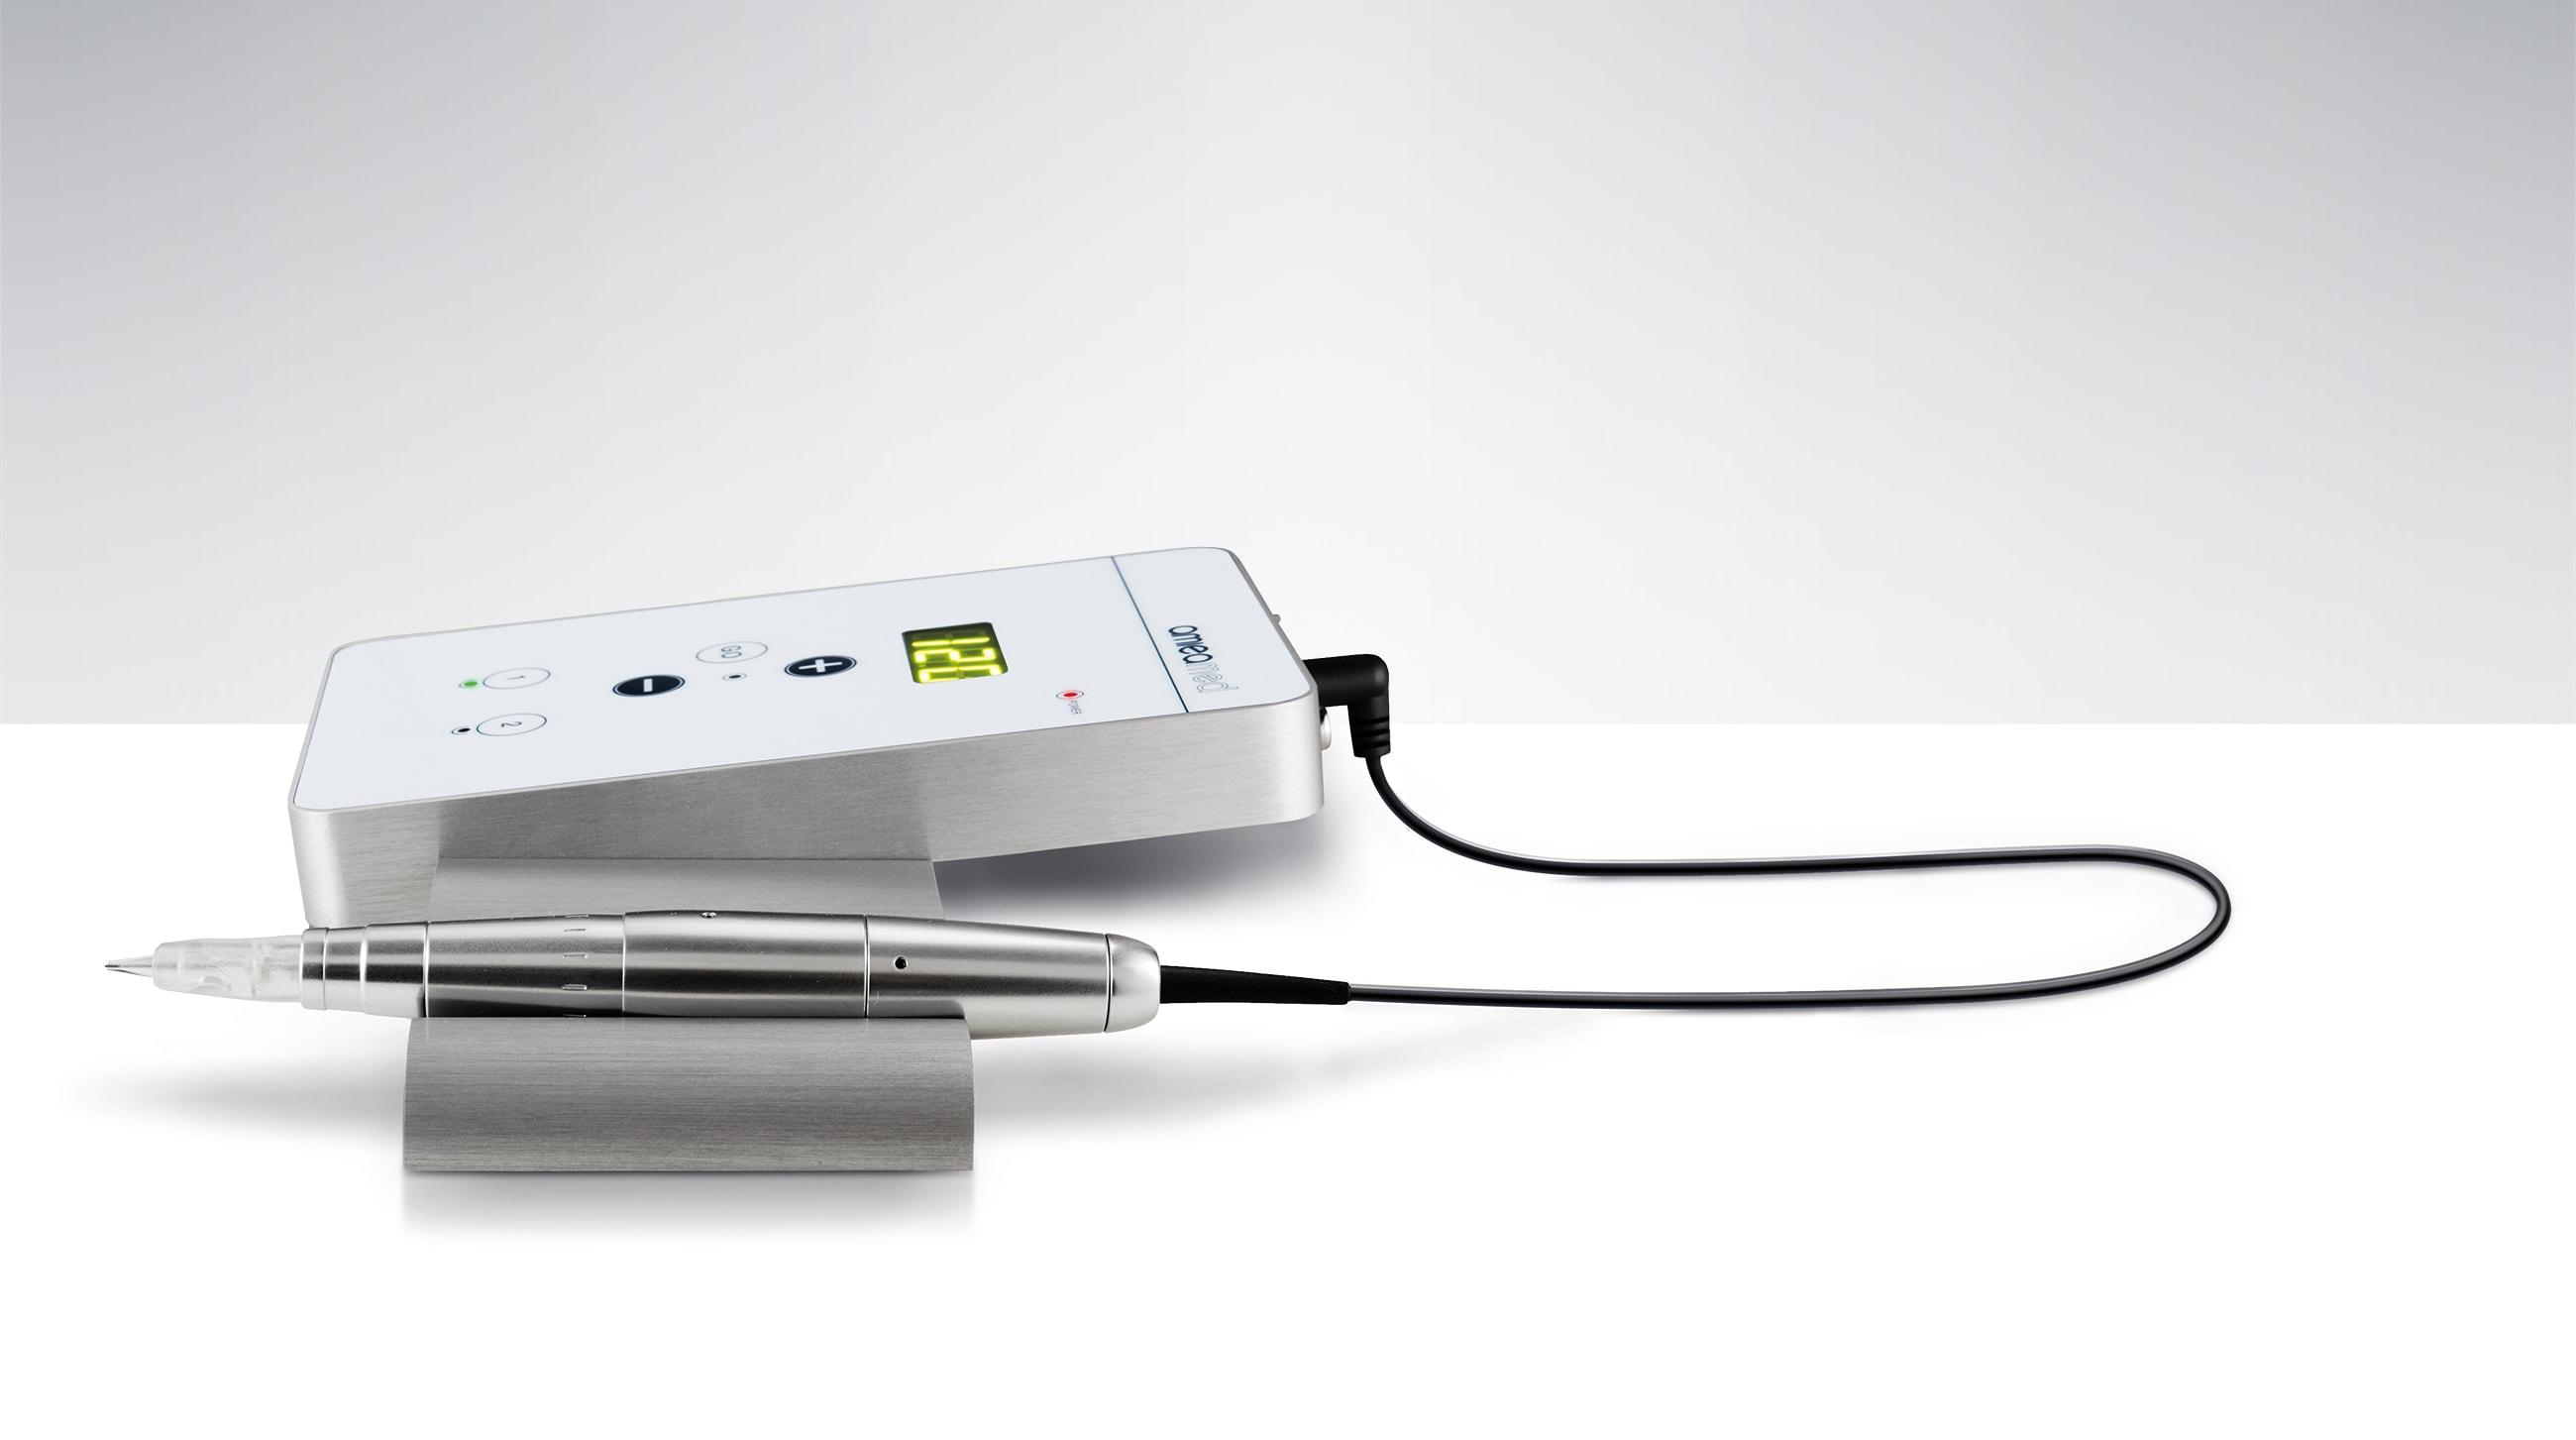 دستگاه میکرونیدلینگ   جوانسازی   کارتریج میکرونیدلینگ   دستگاه آمیامد